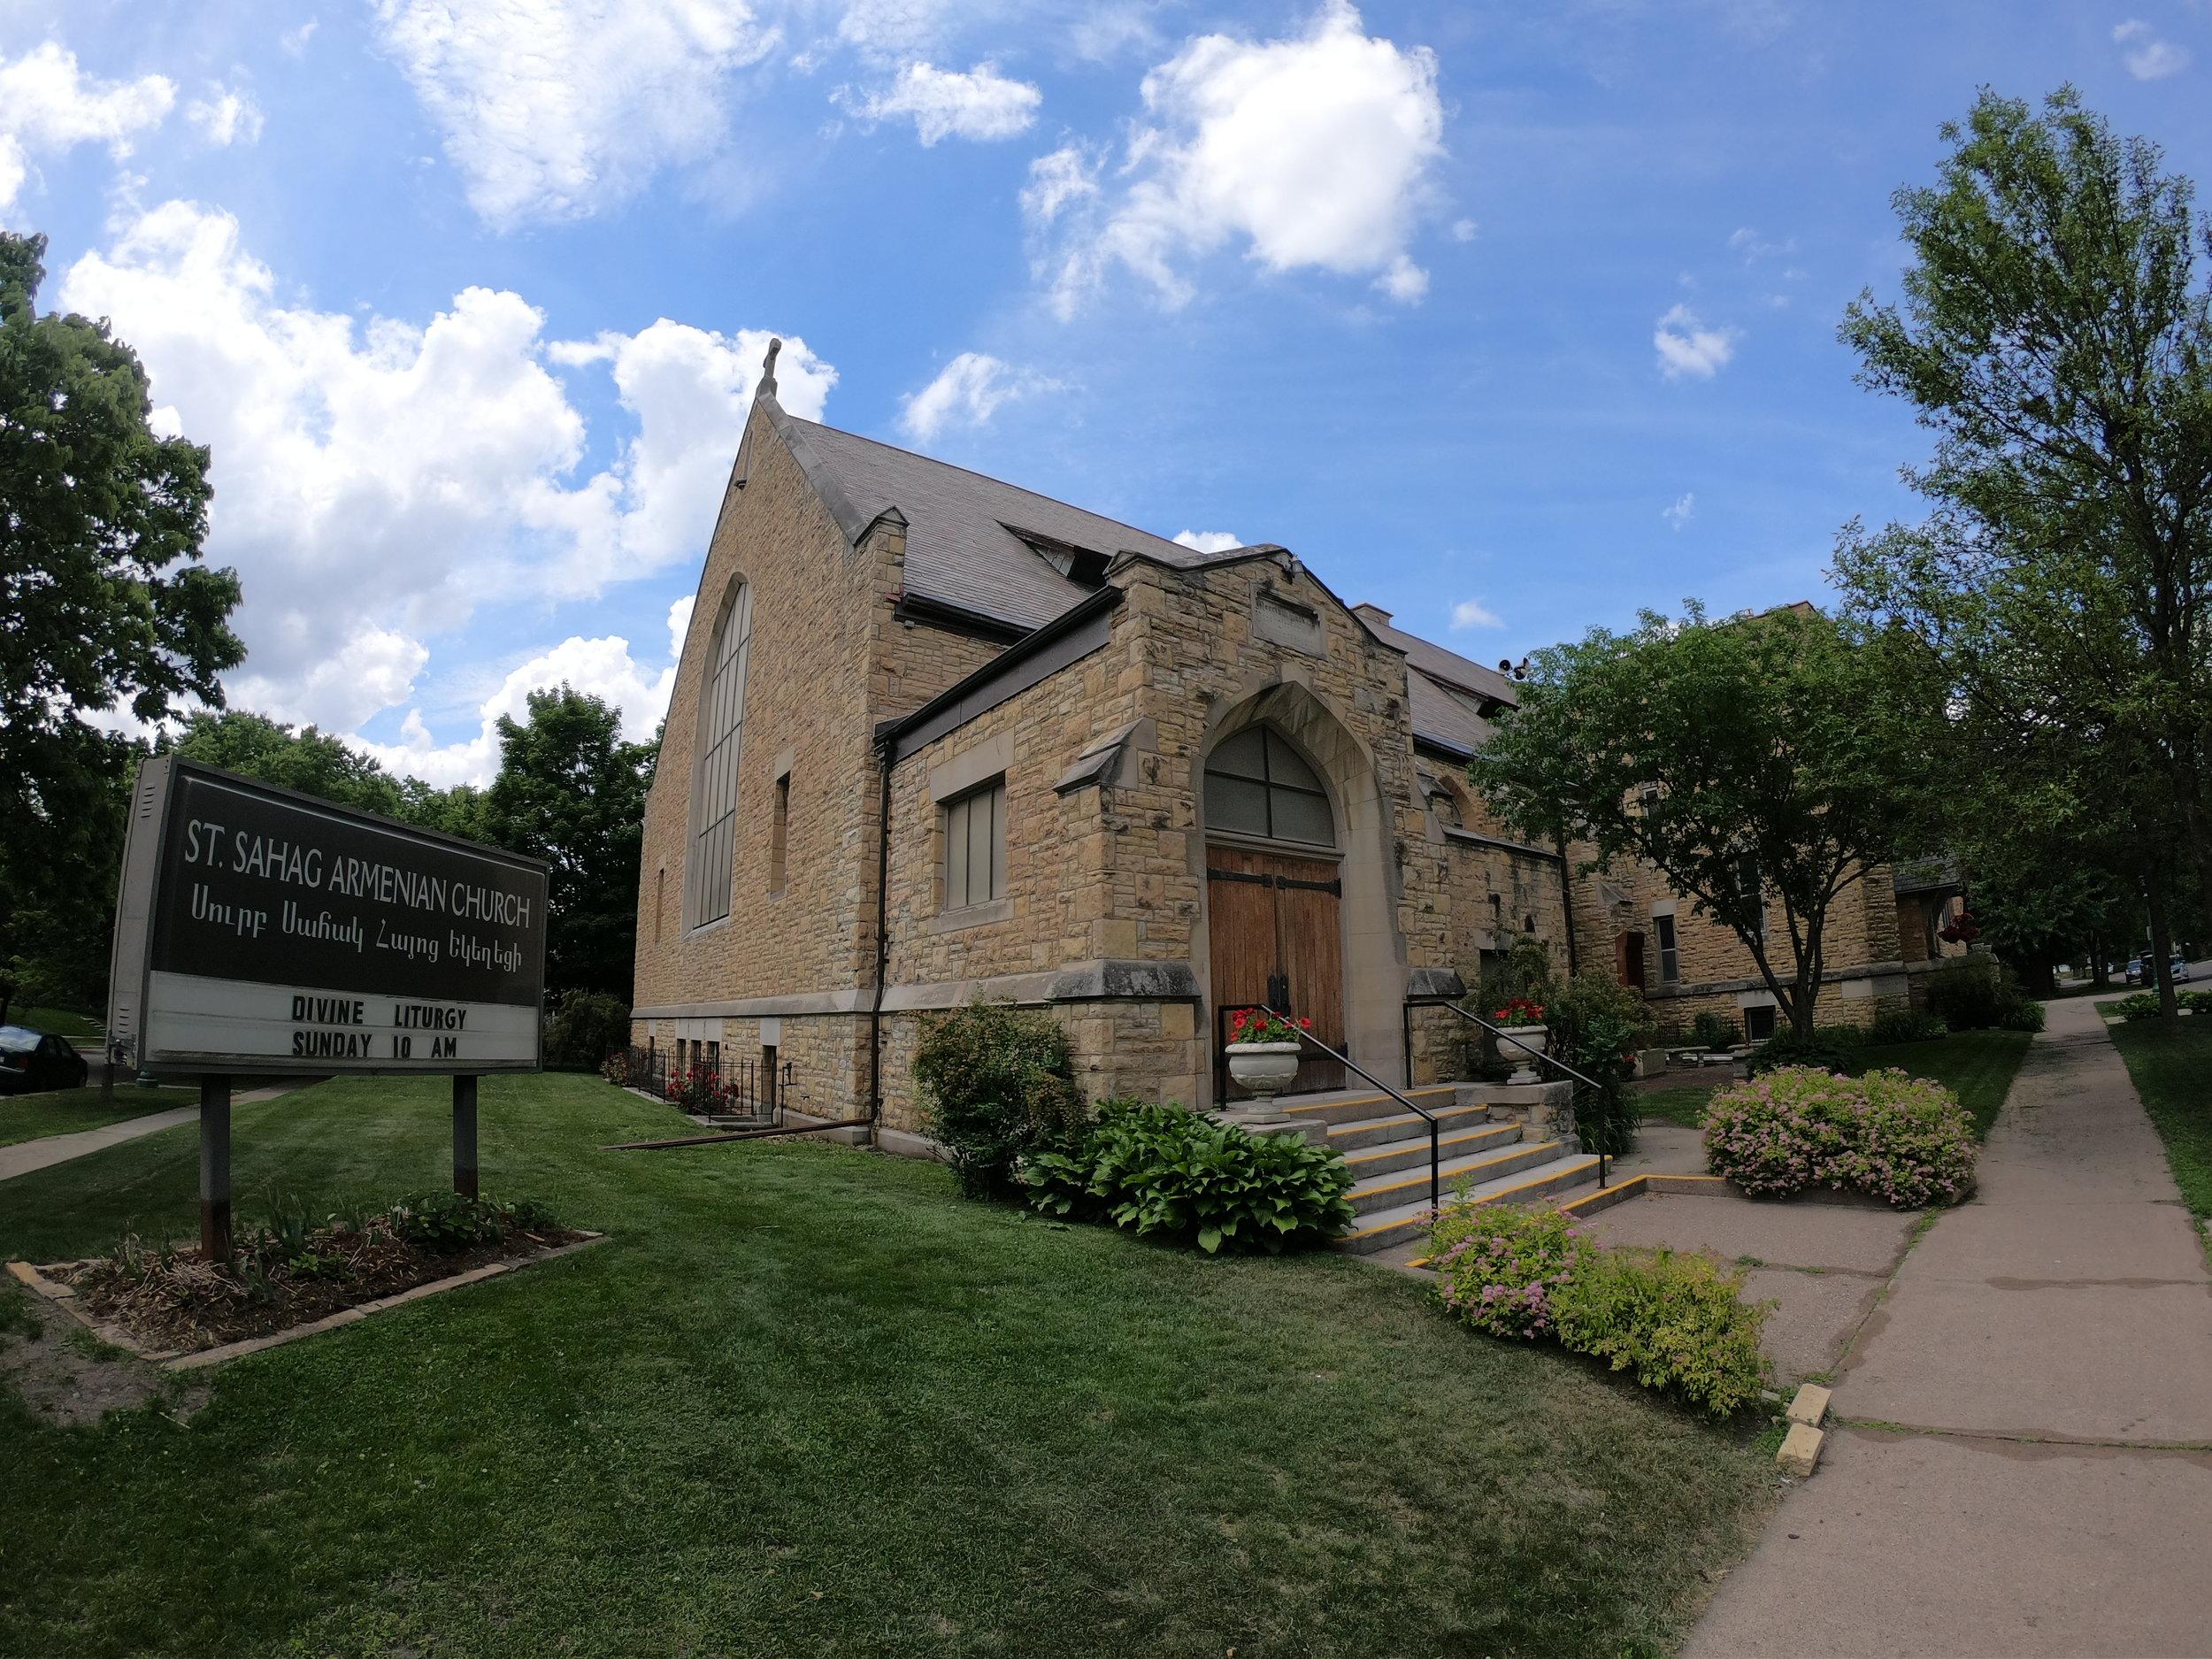 St. Sahag Armenian Church in St. Paul, Minnesota